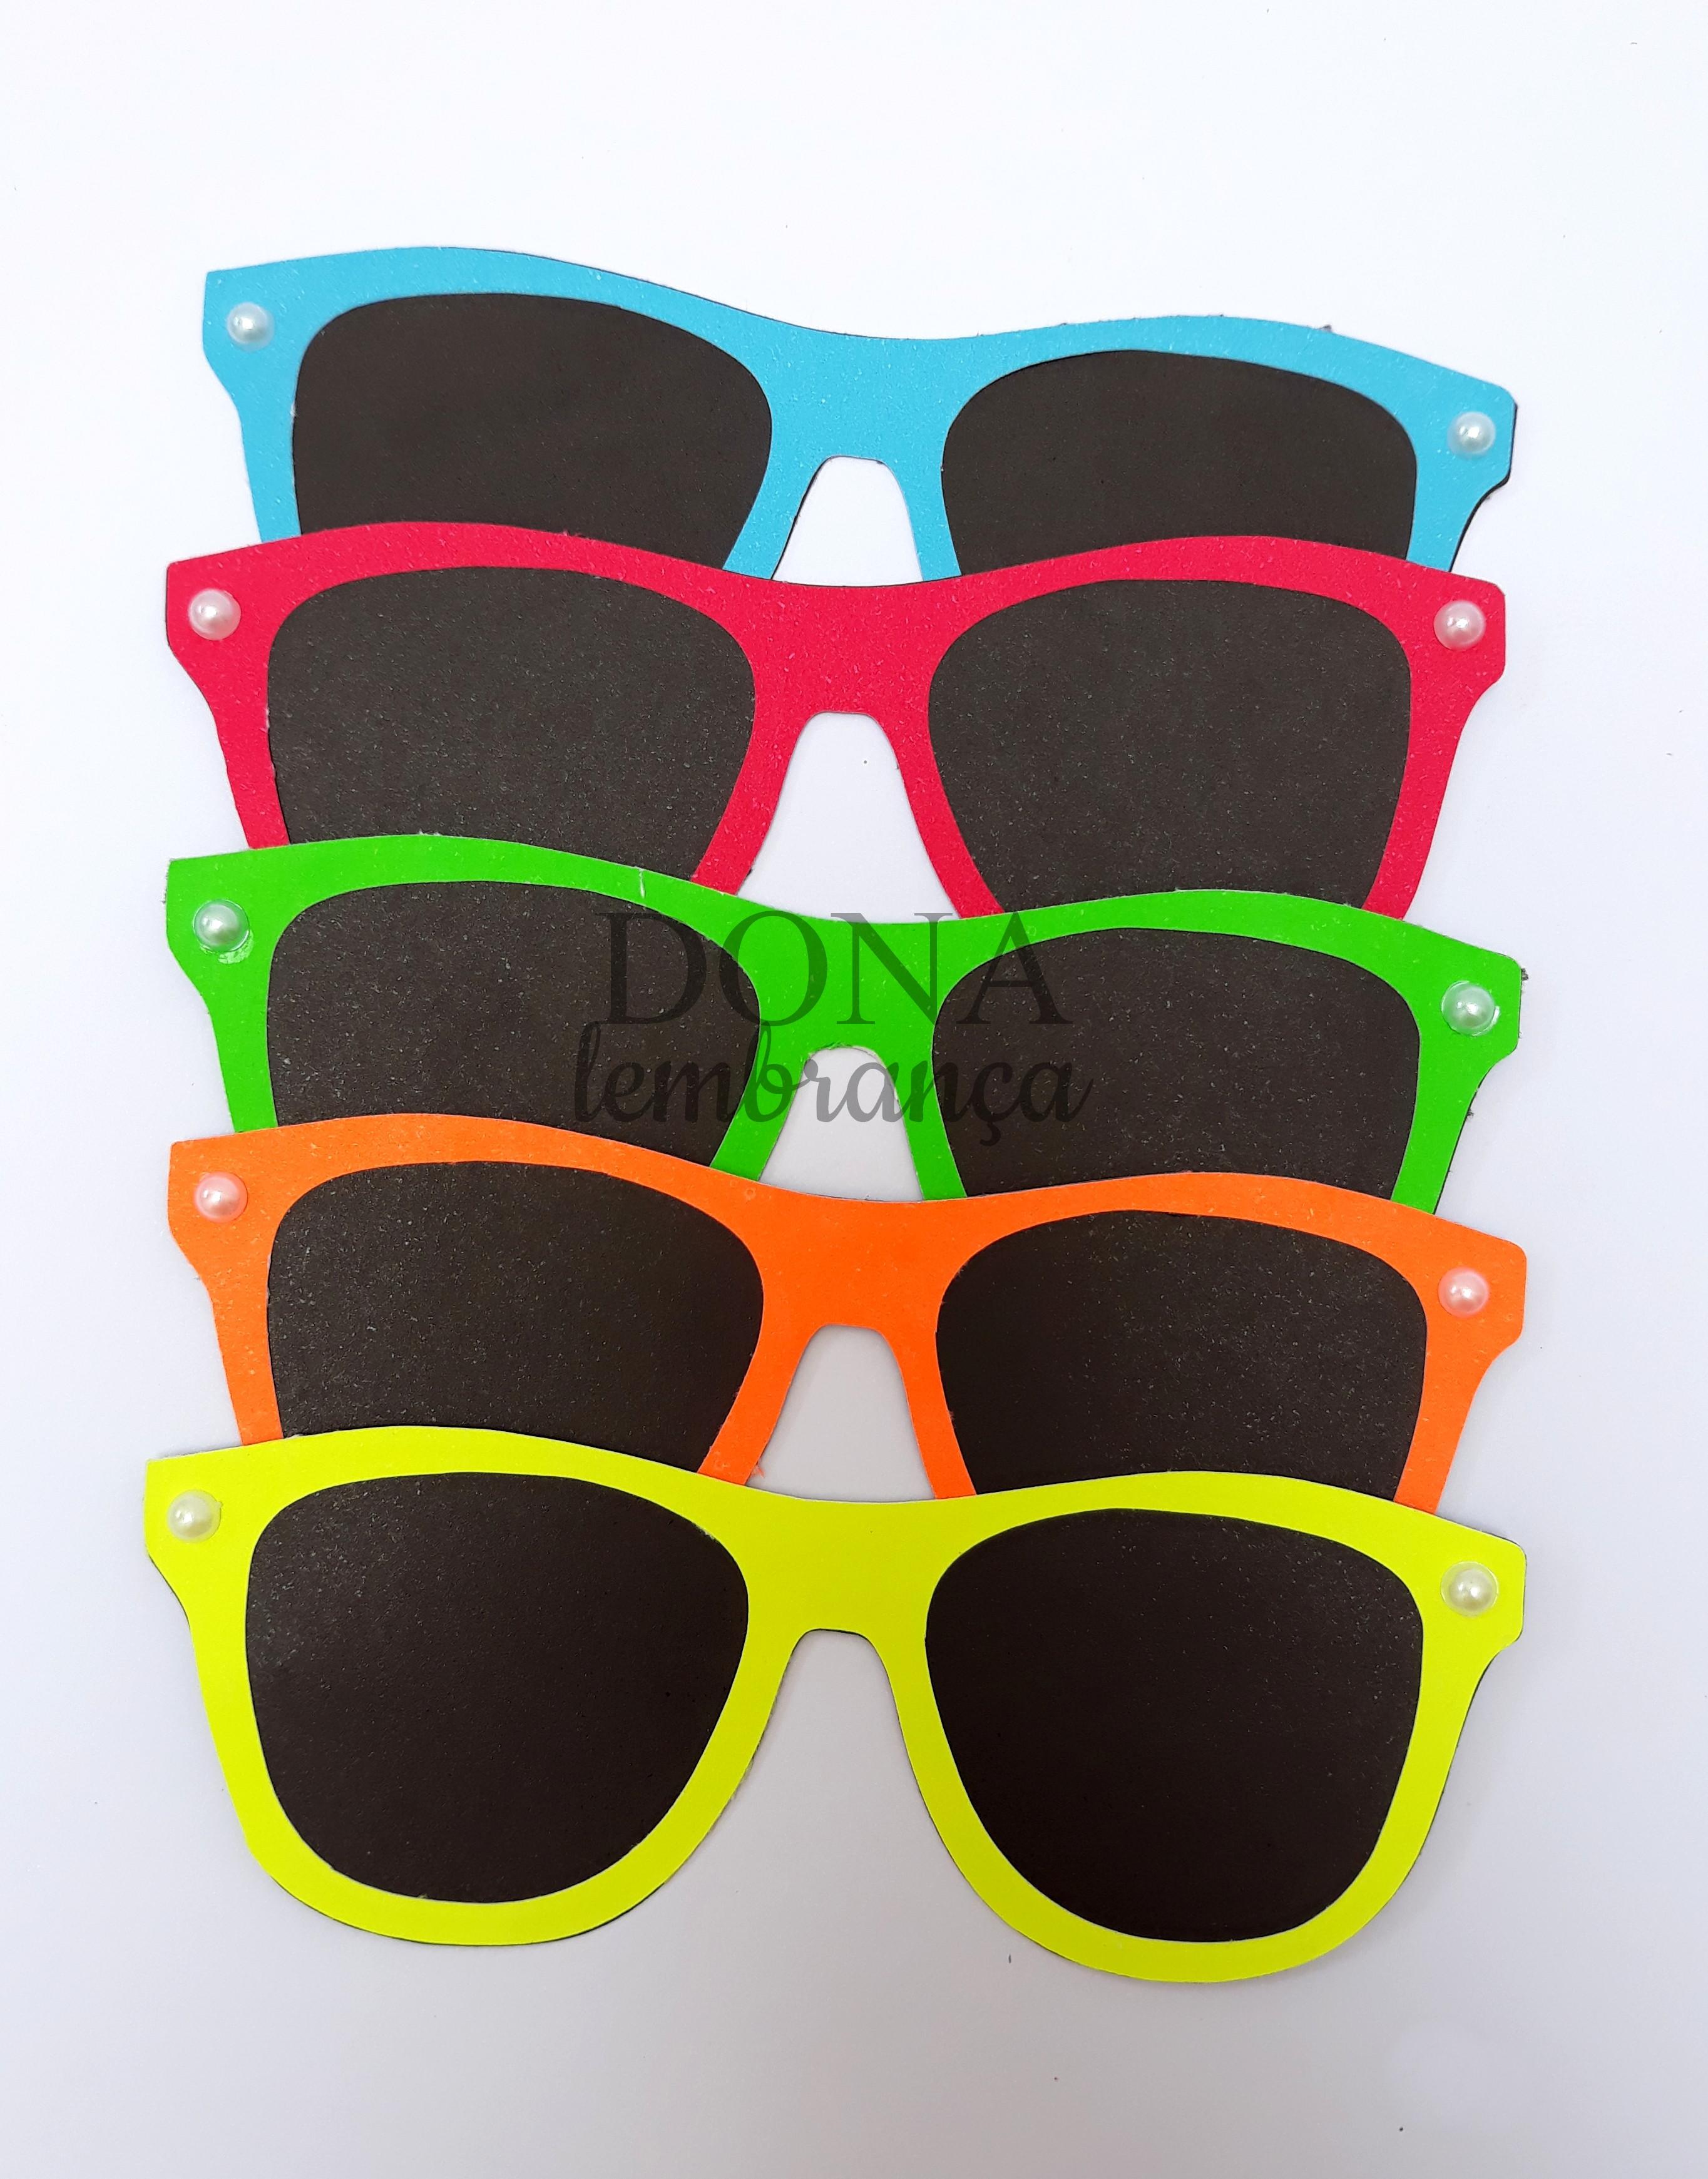 30a90fa95d606 Aplique Óculos de Sol Termocolante   Elo7